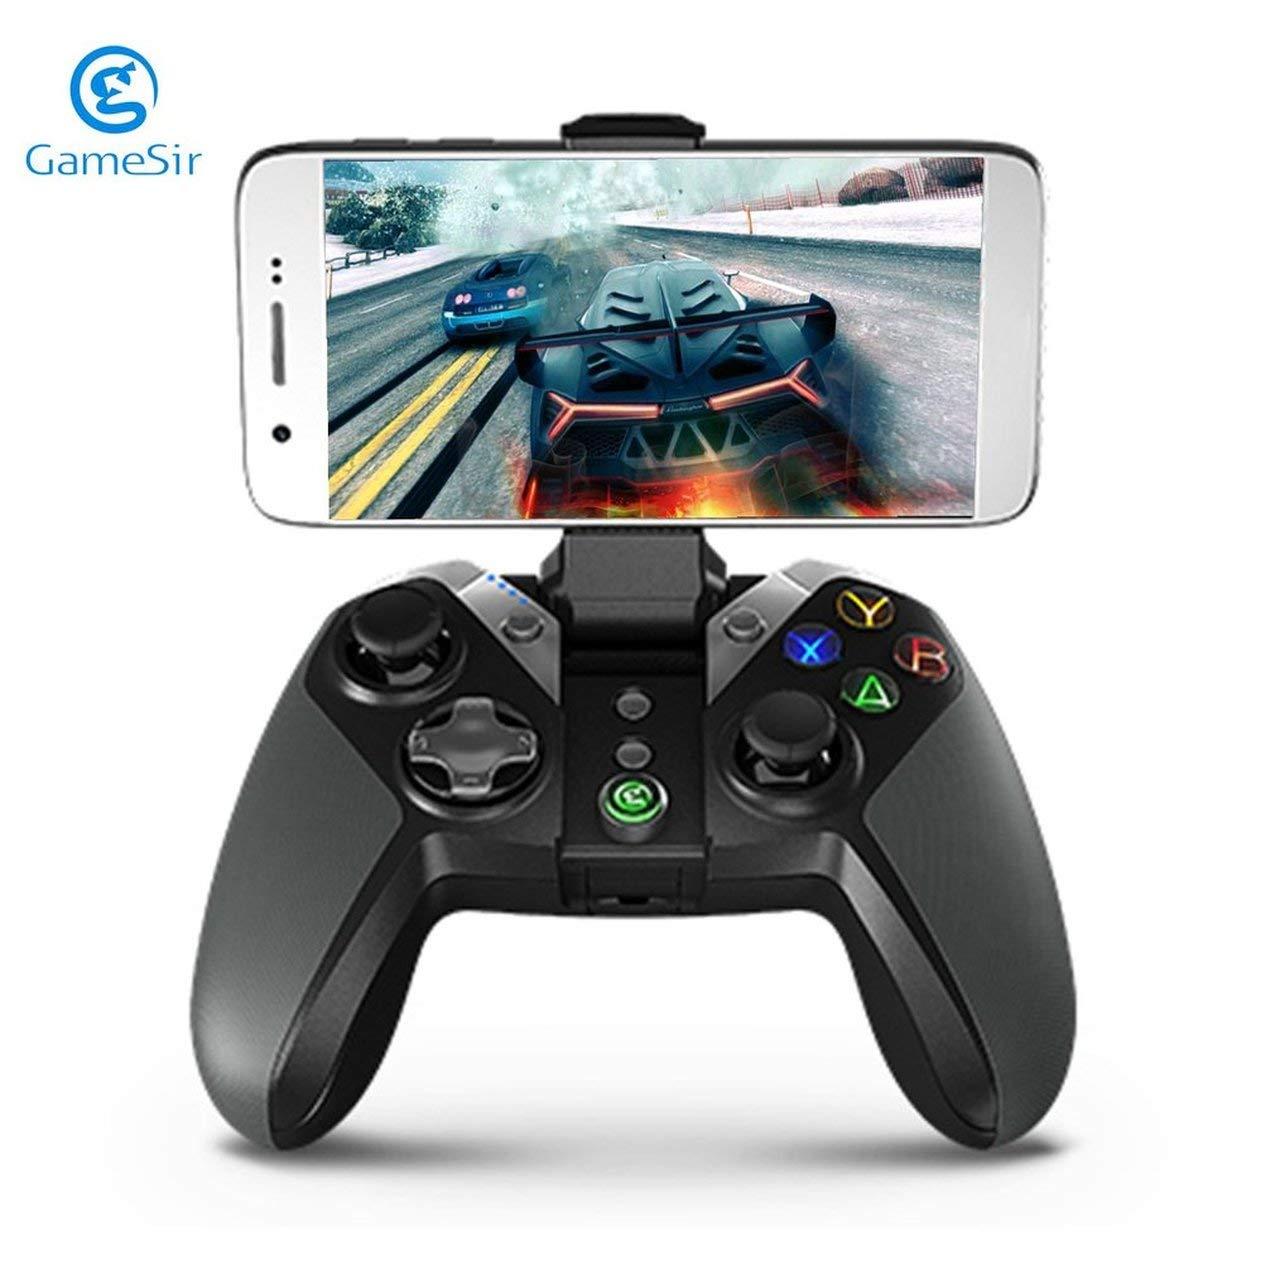 ROTstrong GameSir G4 Blautooth Gamepad mit Handyhalter für Android TV Box Telefon Tablet verdrahtete Oder Drahtlose Controller für PC VR Spiele